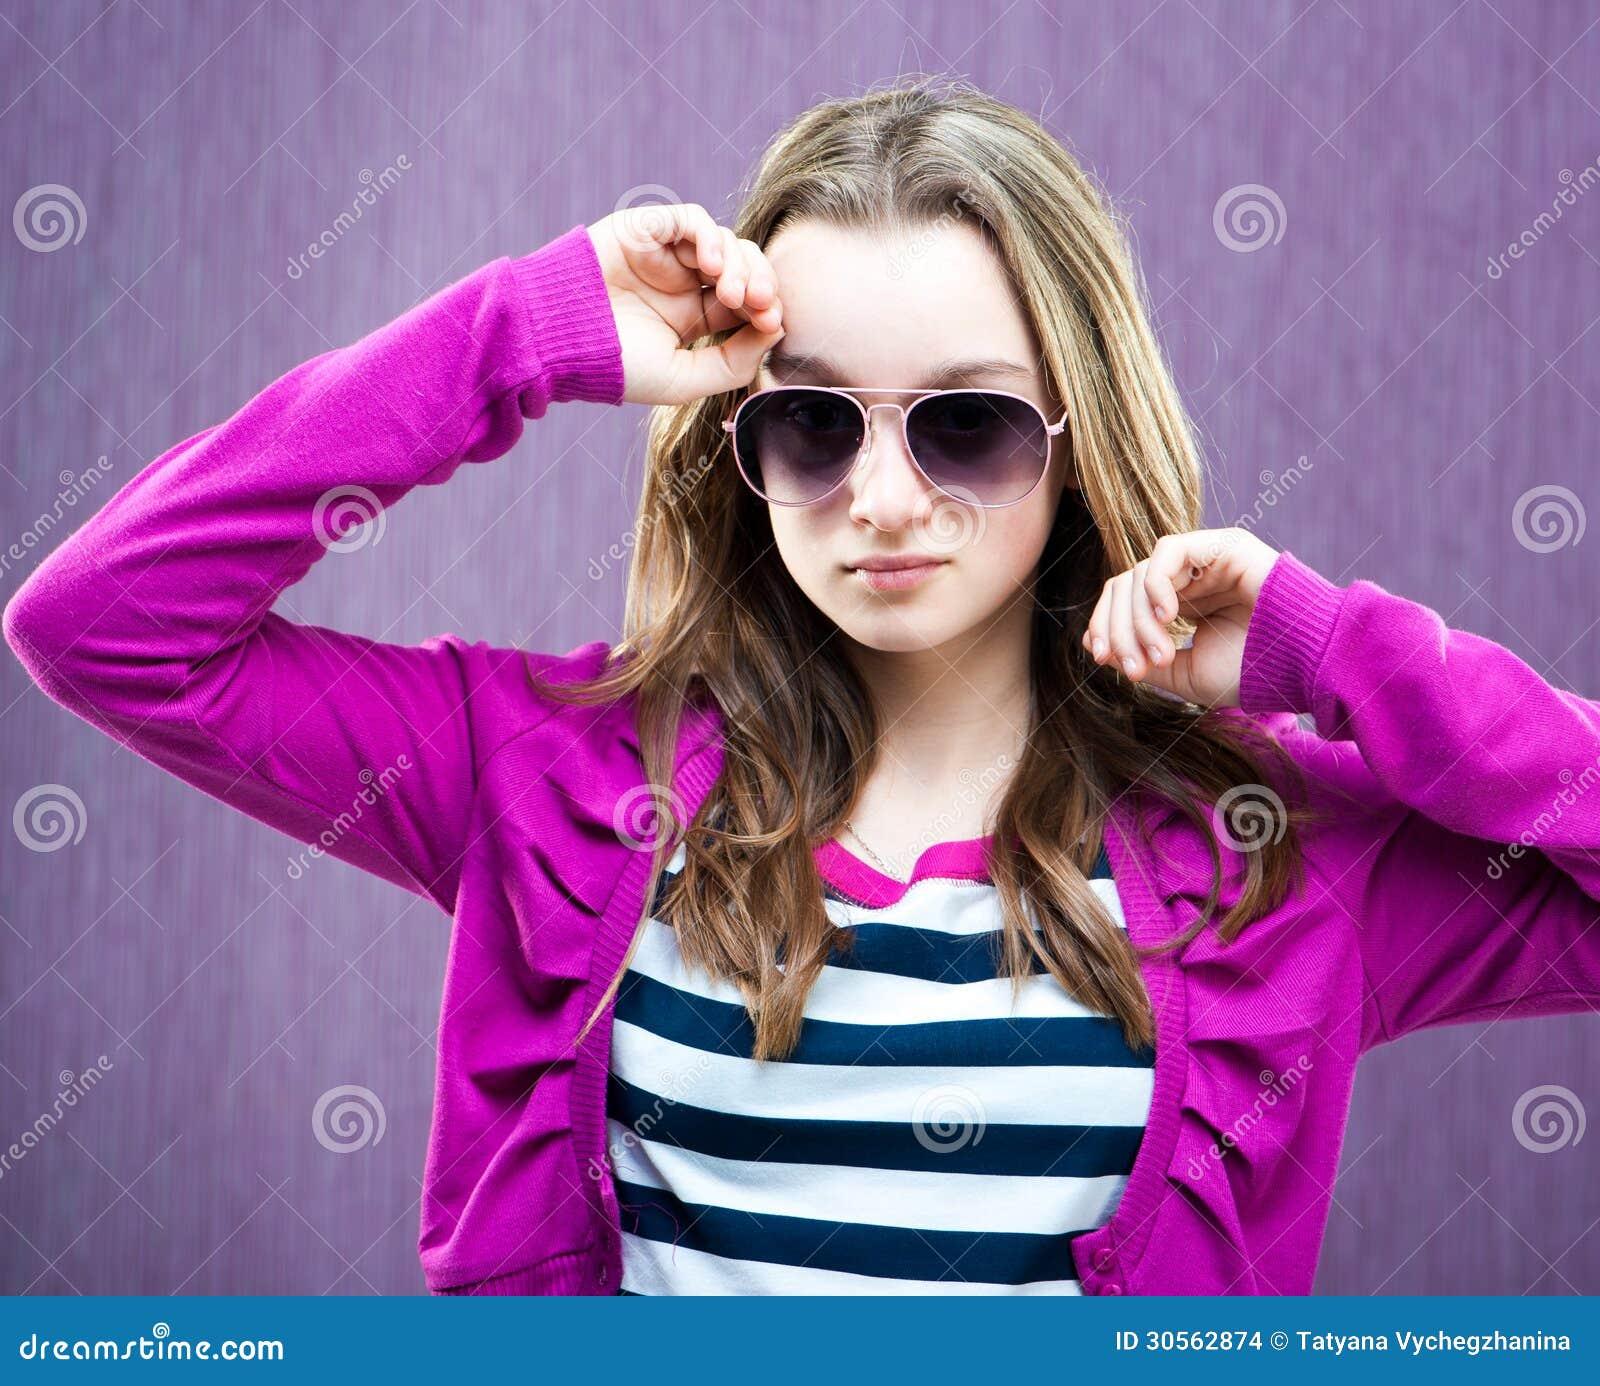 Portrait of a beautiful little fashion model in sunglasses on purple